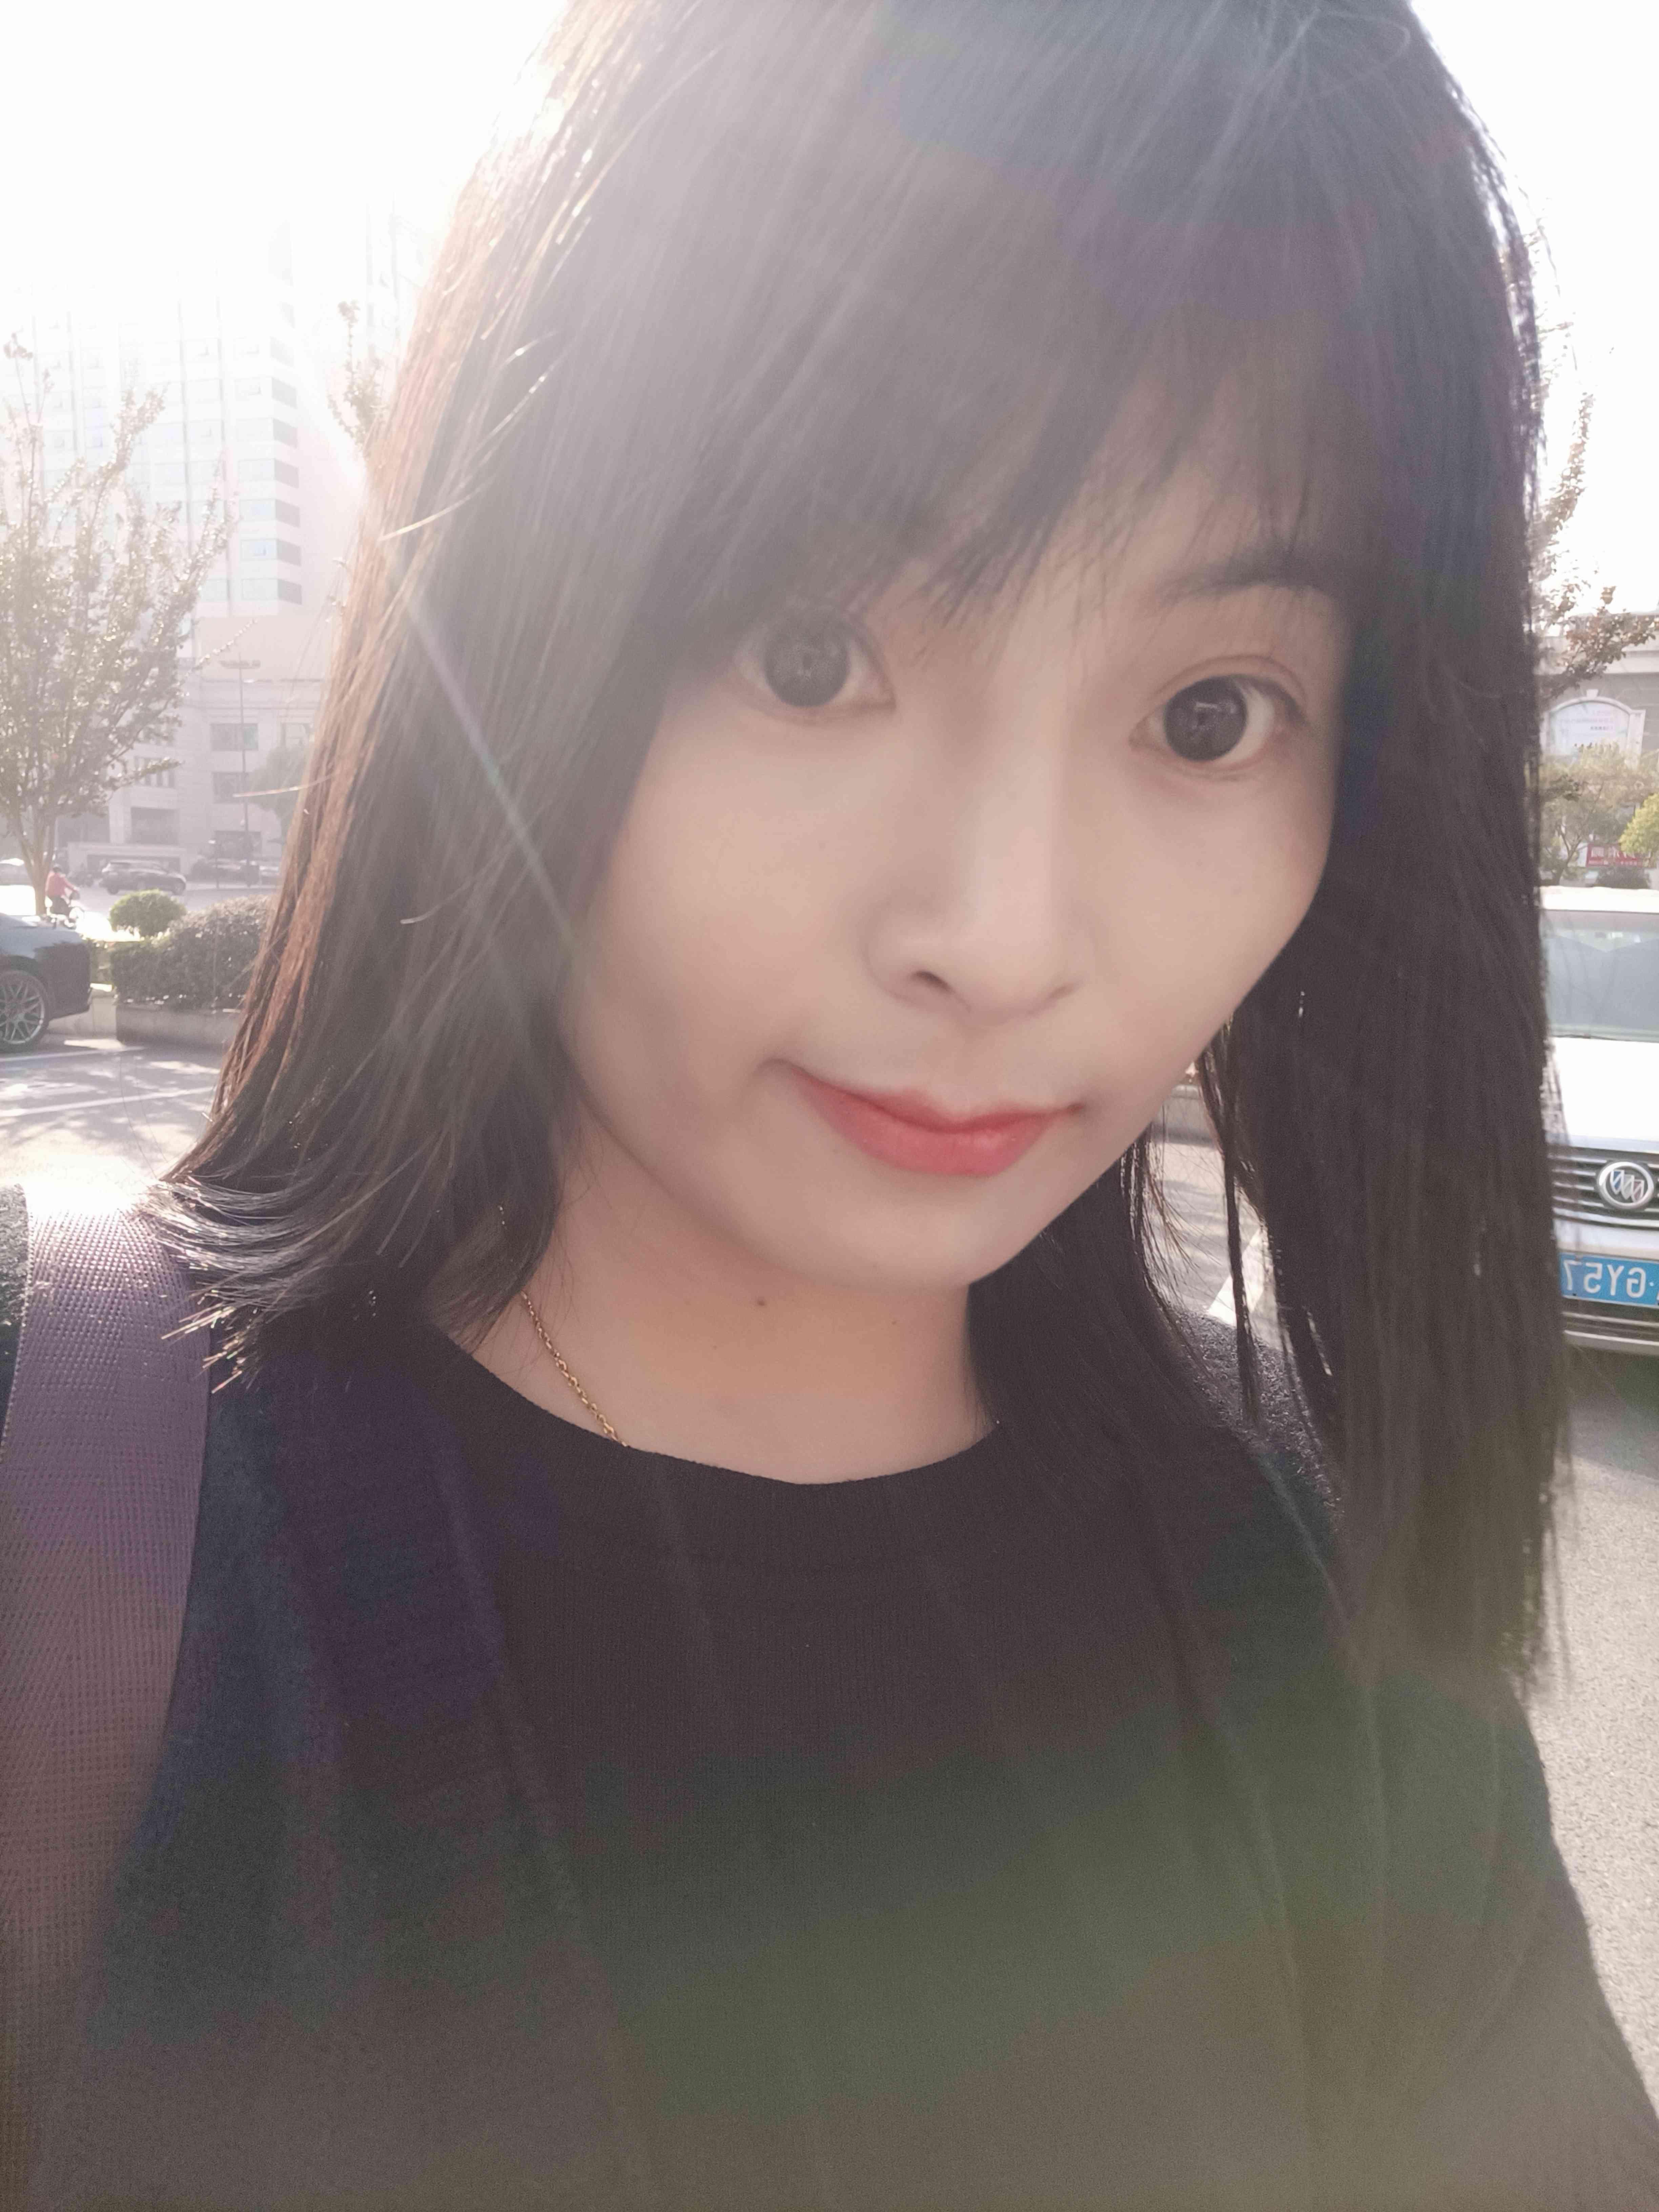 浙江杭州萧山区会员11006342